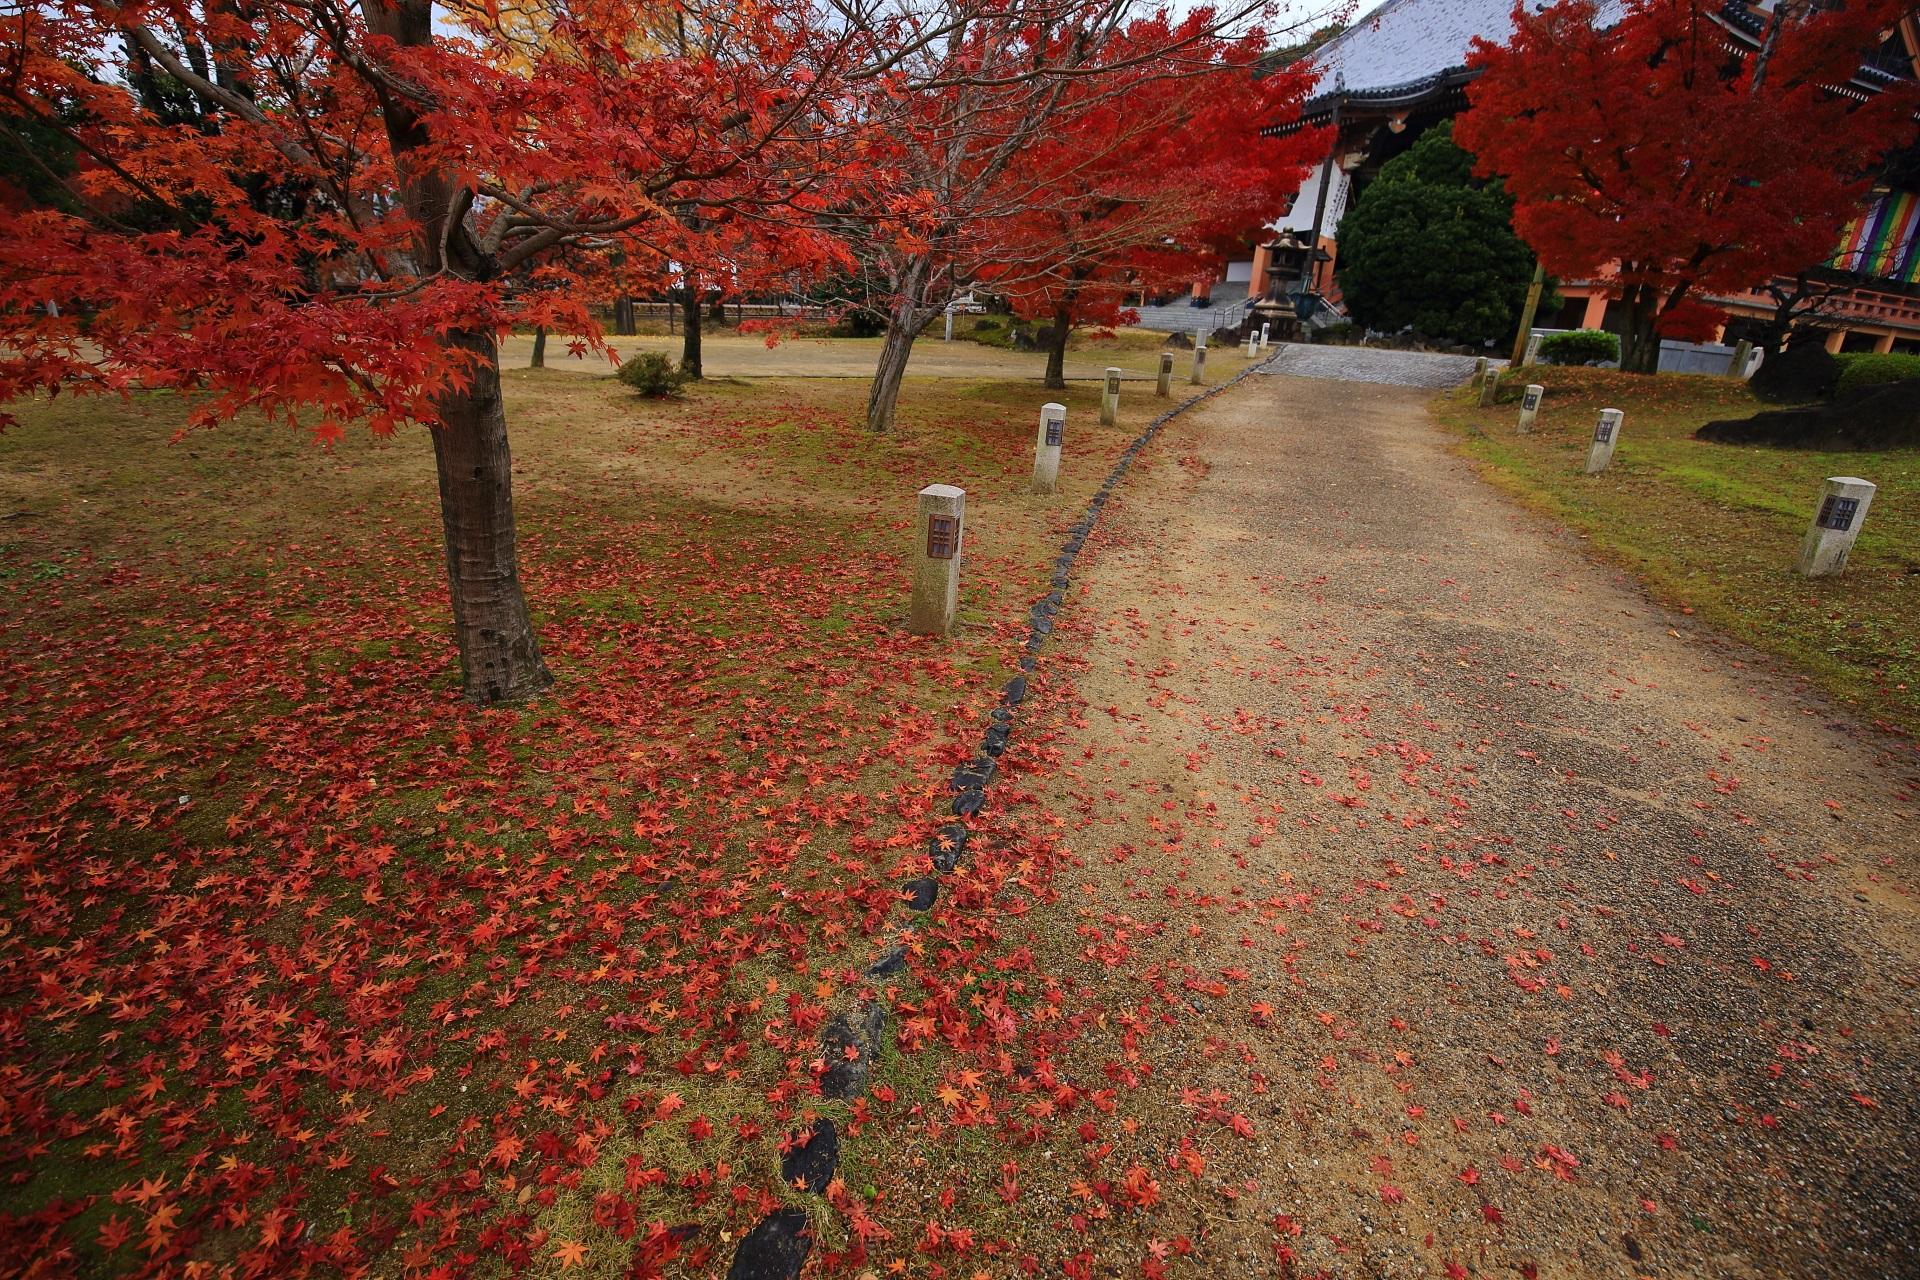 金堂と参道を華やぐ艶やかな散り紅葉